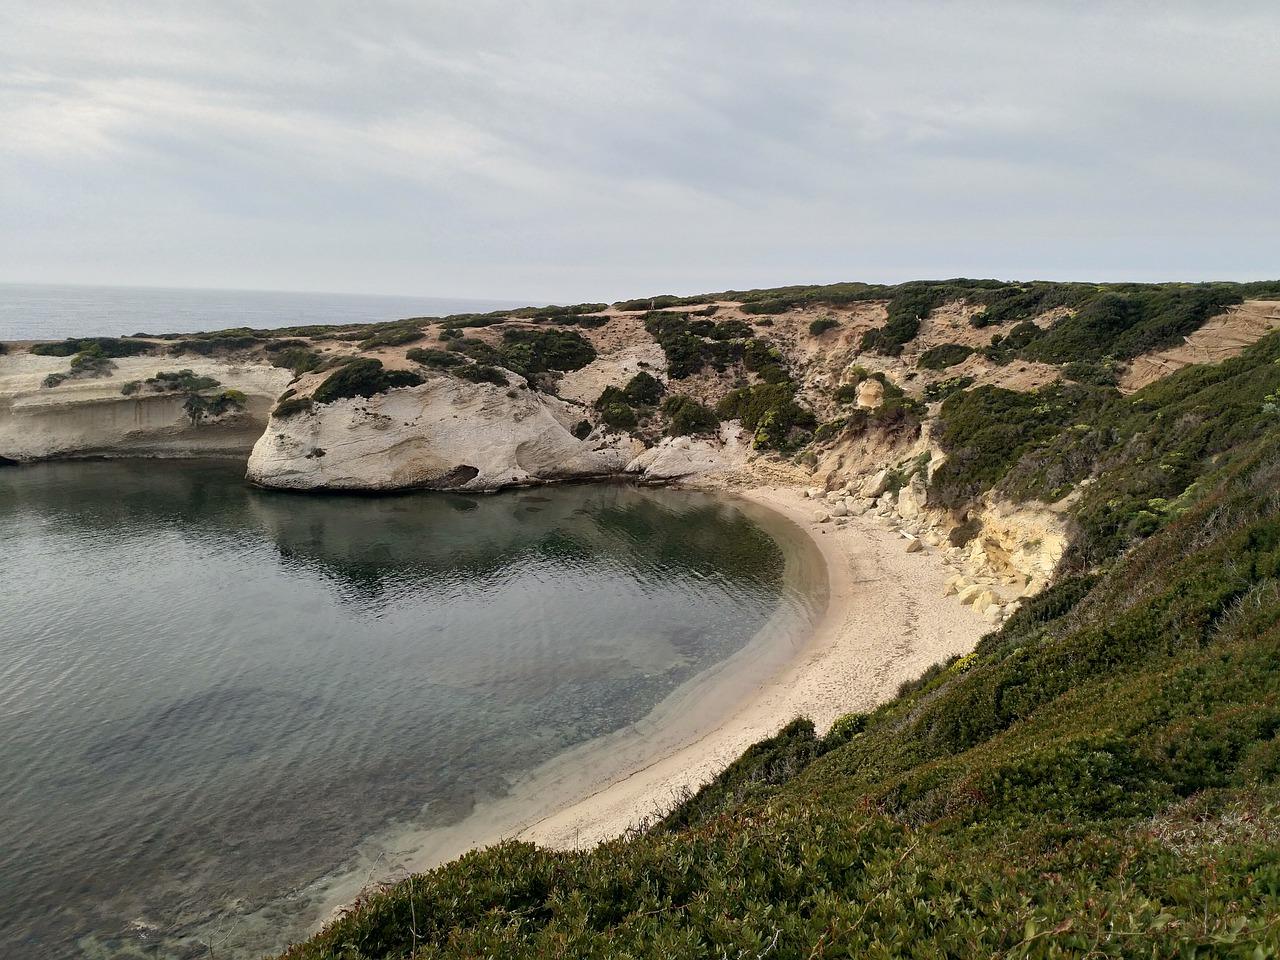 spiagge nel golfo di oristano